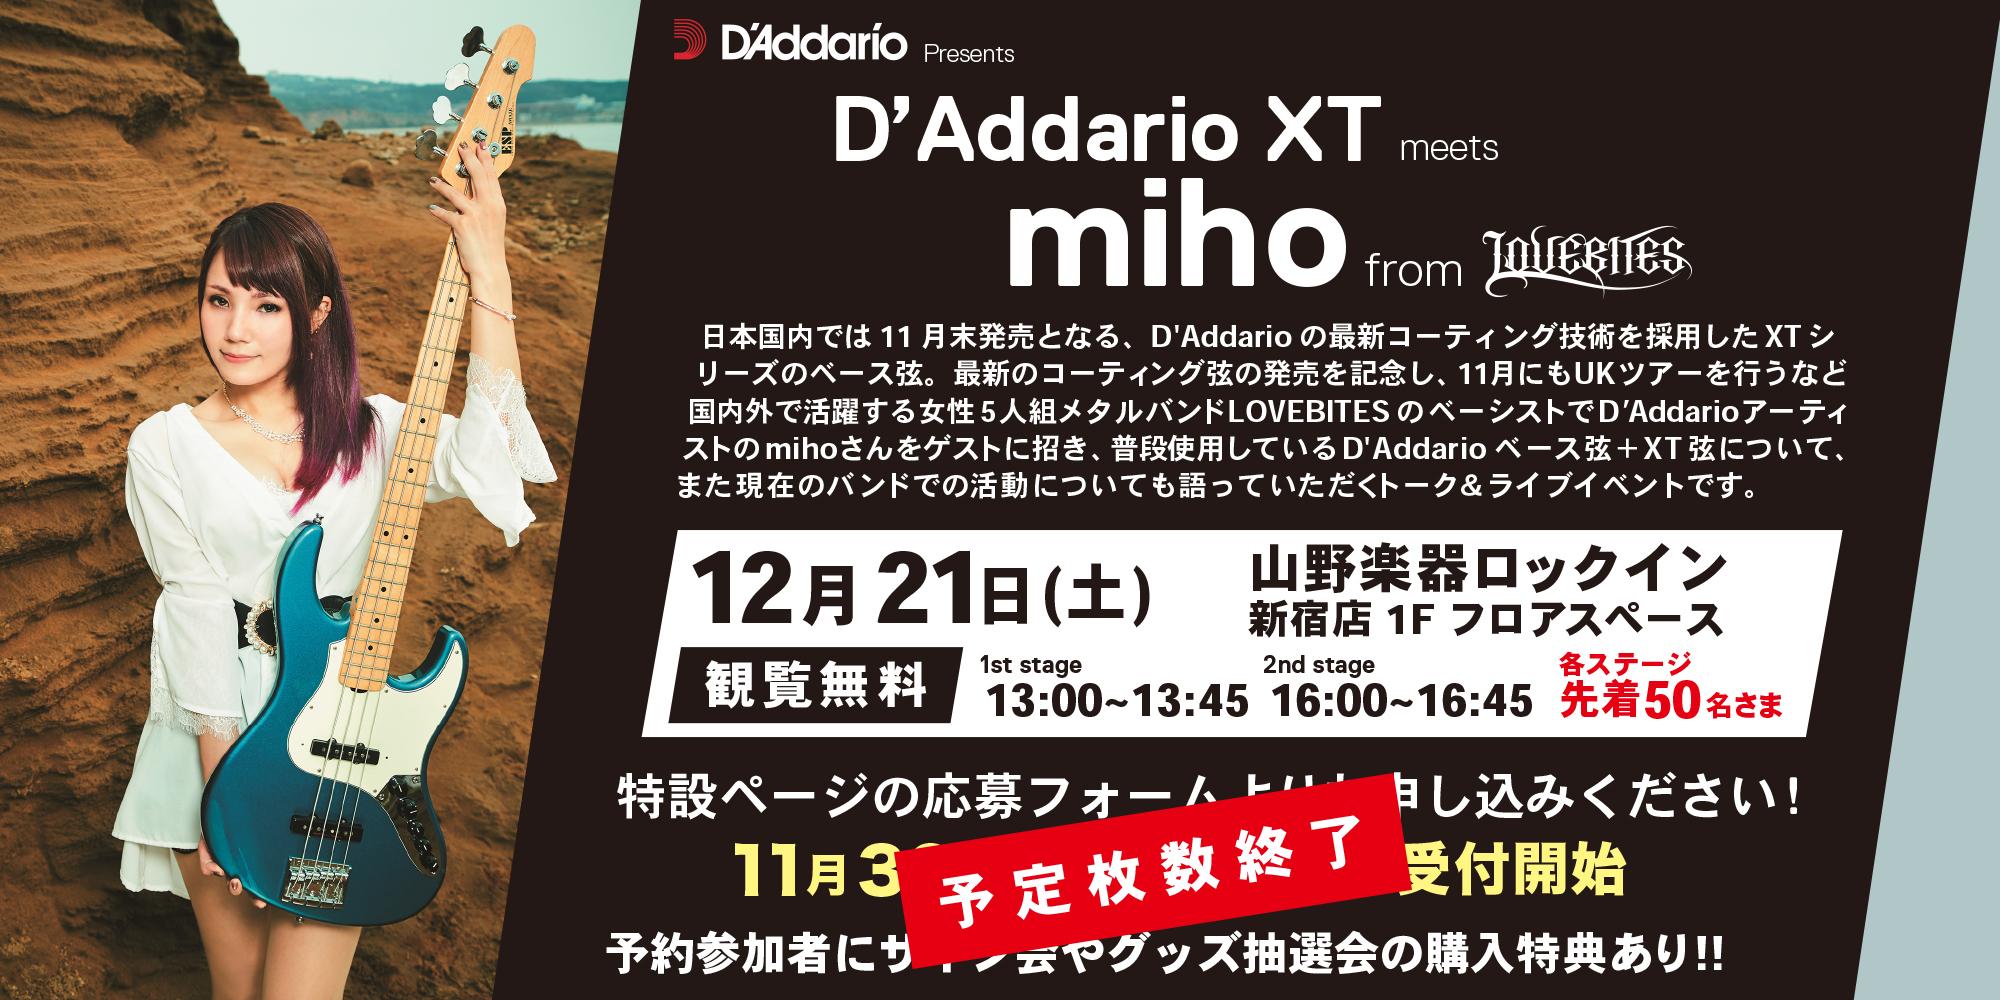 201912_da_miho_kcbanner_1